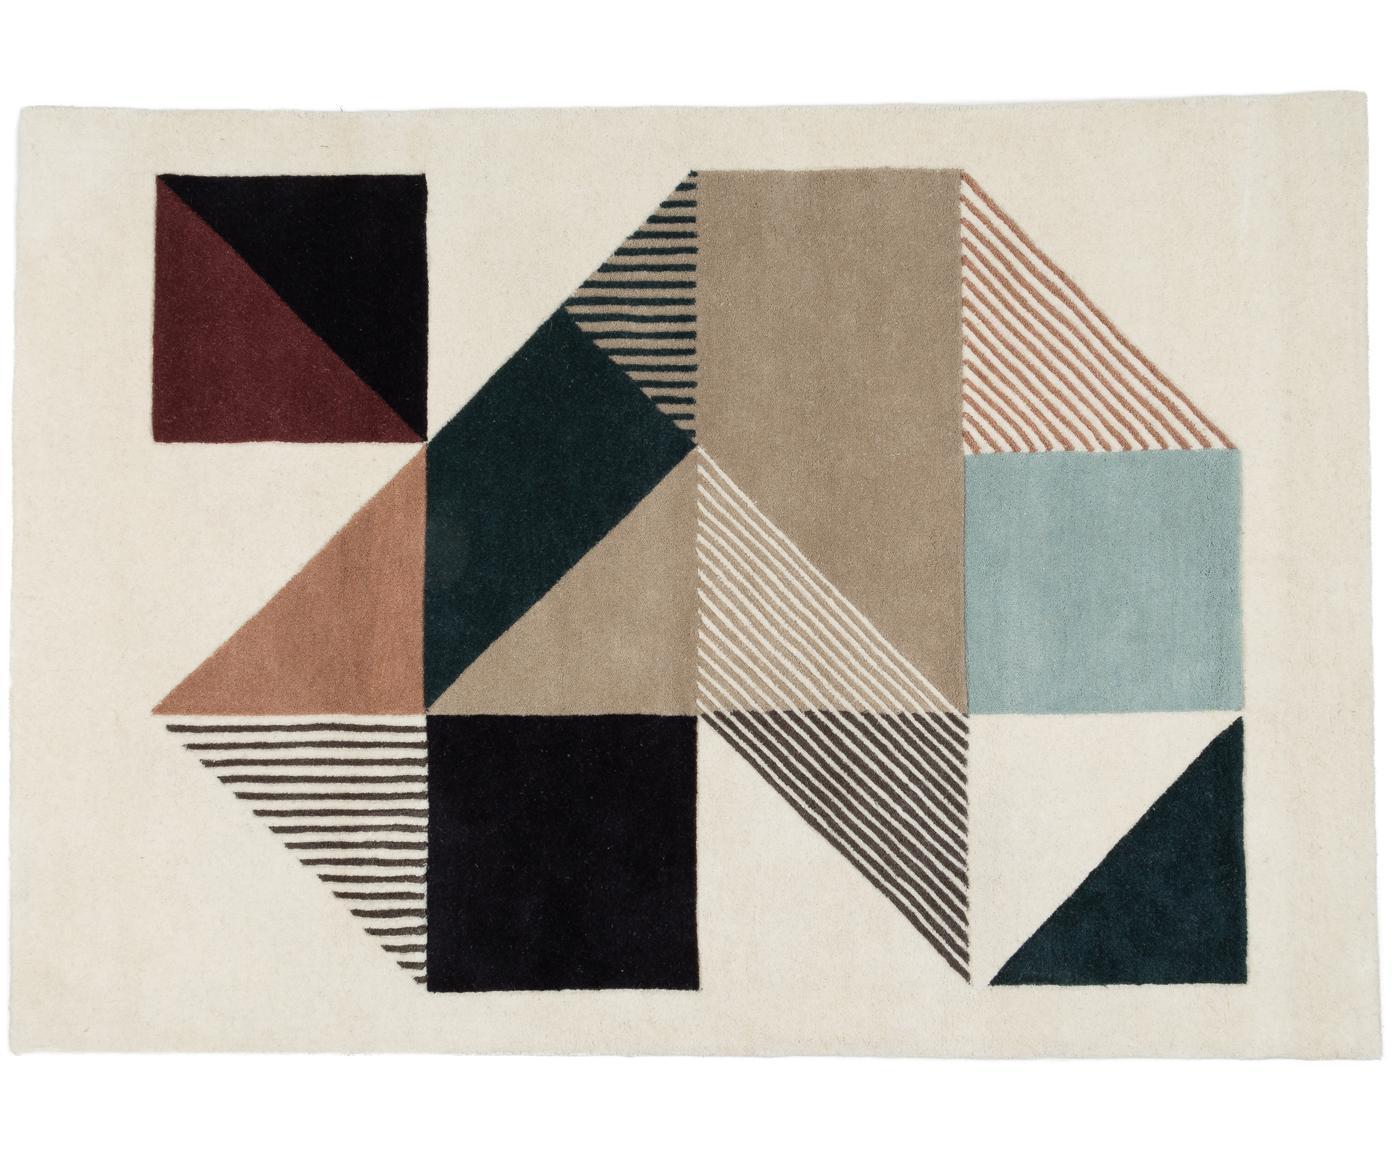 Handgetuft design vloerkleed Mikill van wol, Bovenzijde: wol, Onderzijde: katoen, Beige- en blauwtinten, rood, roze, zwart, 140 x 200 cm